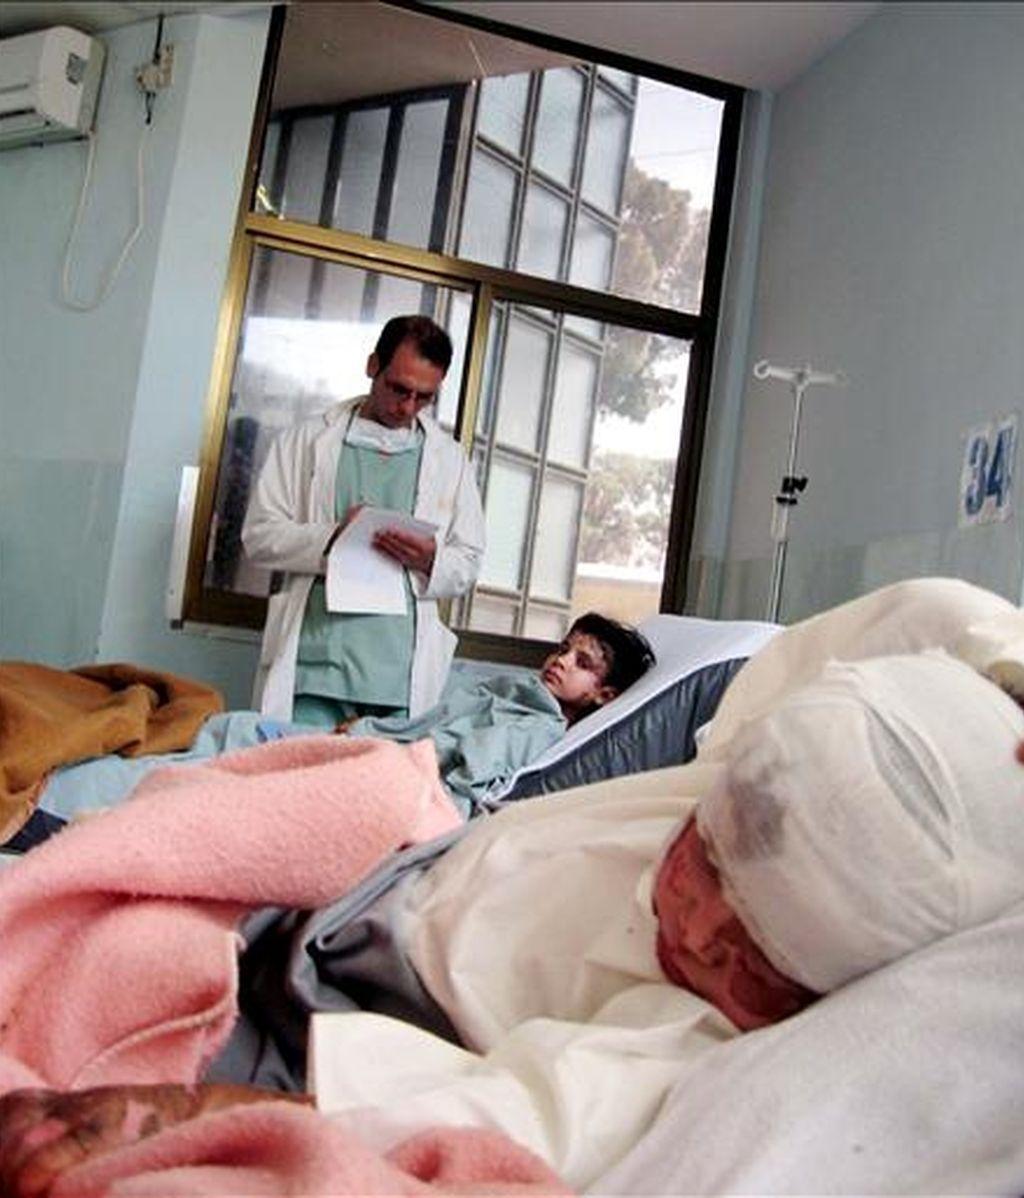 Varios niños afganos que resultaron heridos después de un bombardeo estadounidense mientras reciben tratamiento médico en un hospital de Farah (Afganistán), el pasado 10 de mayo. EFE/Archivo